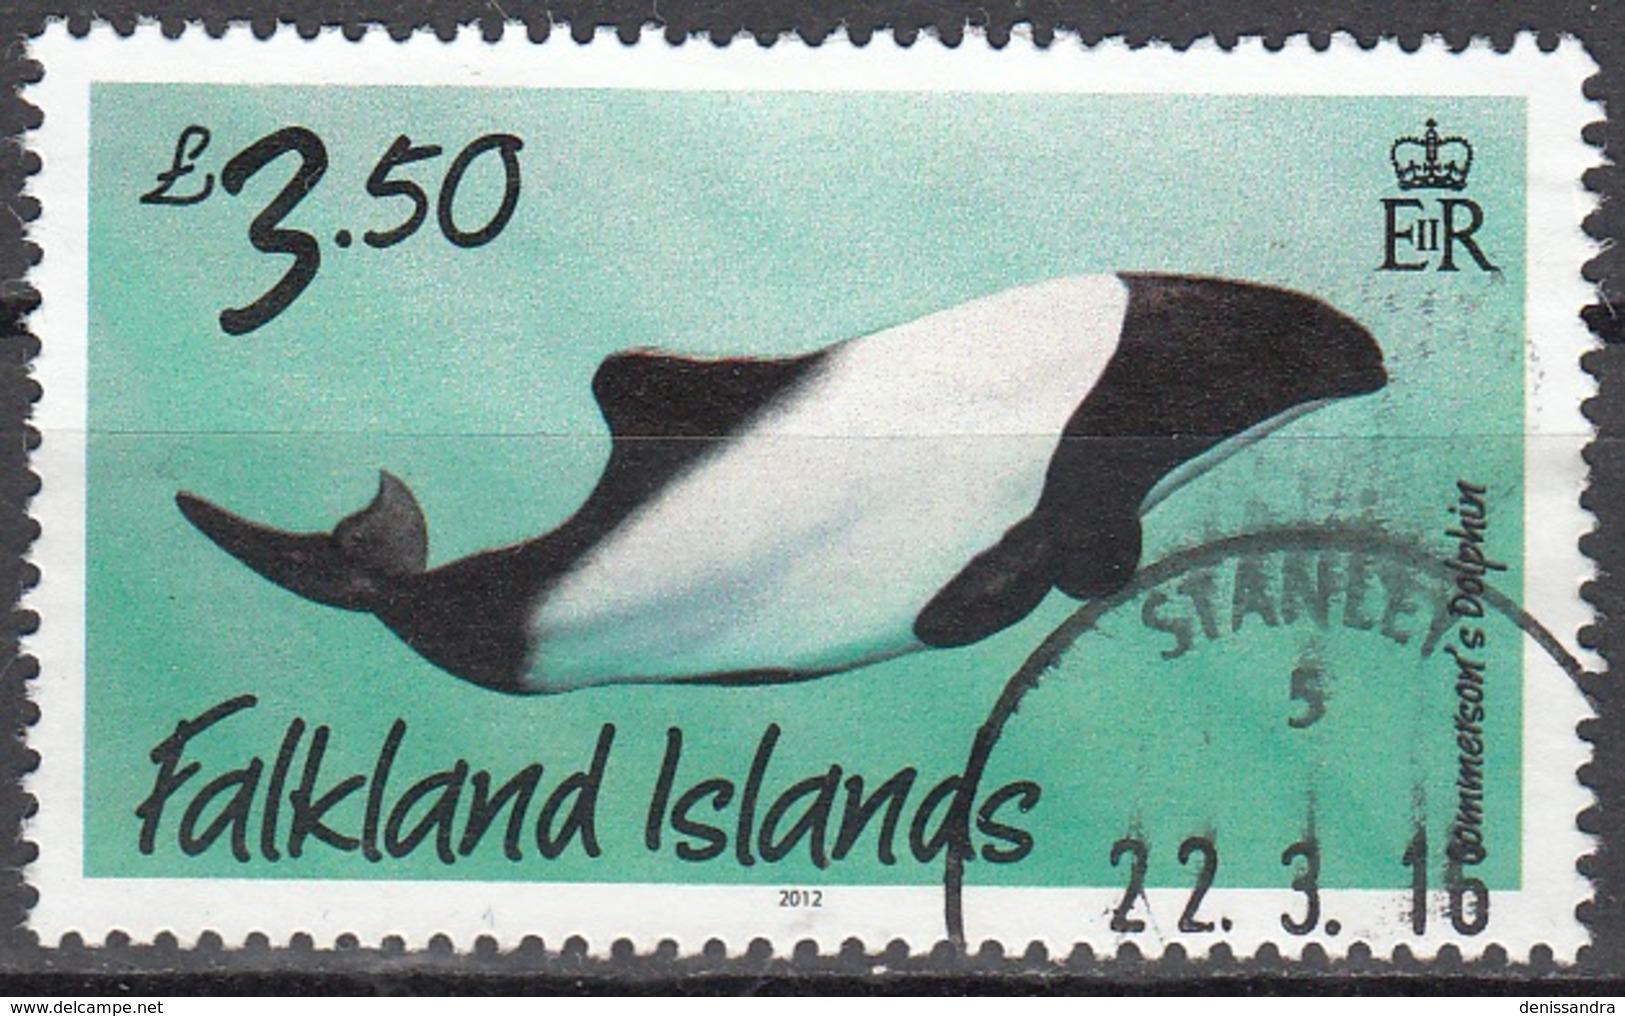 Falkland Islands 2012 Dauphin O Cachet Rond - Falkland